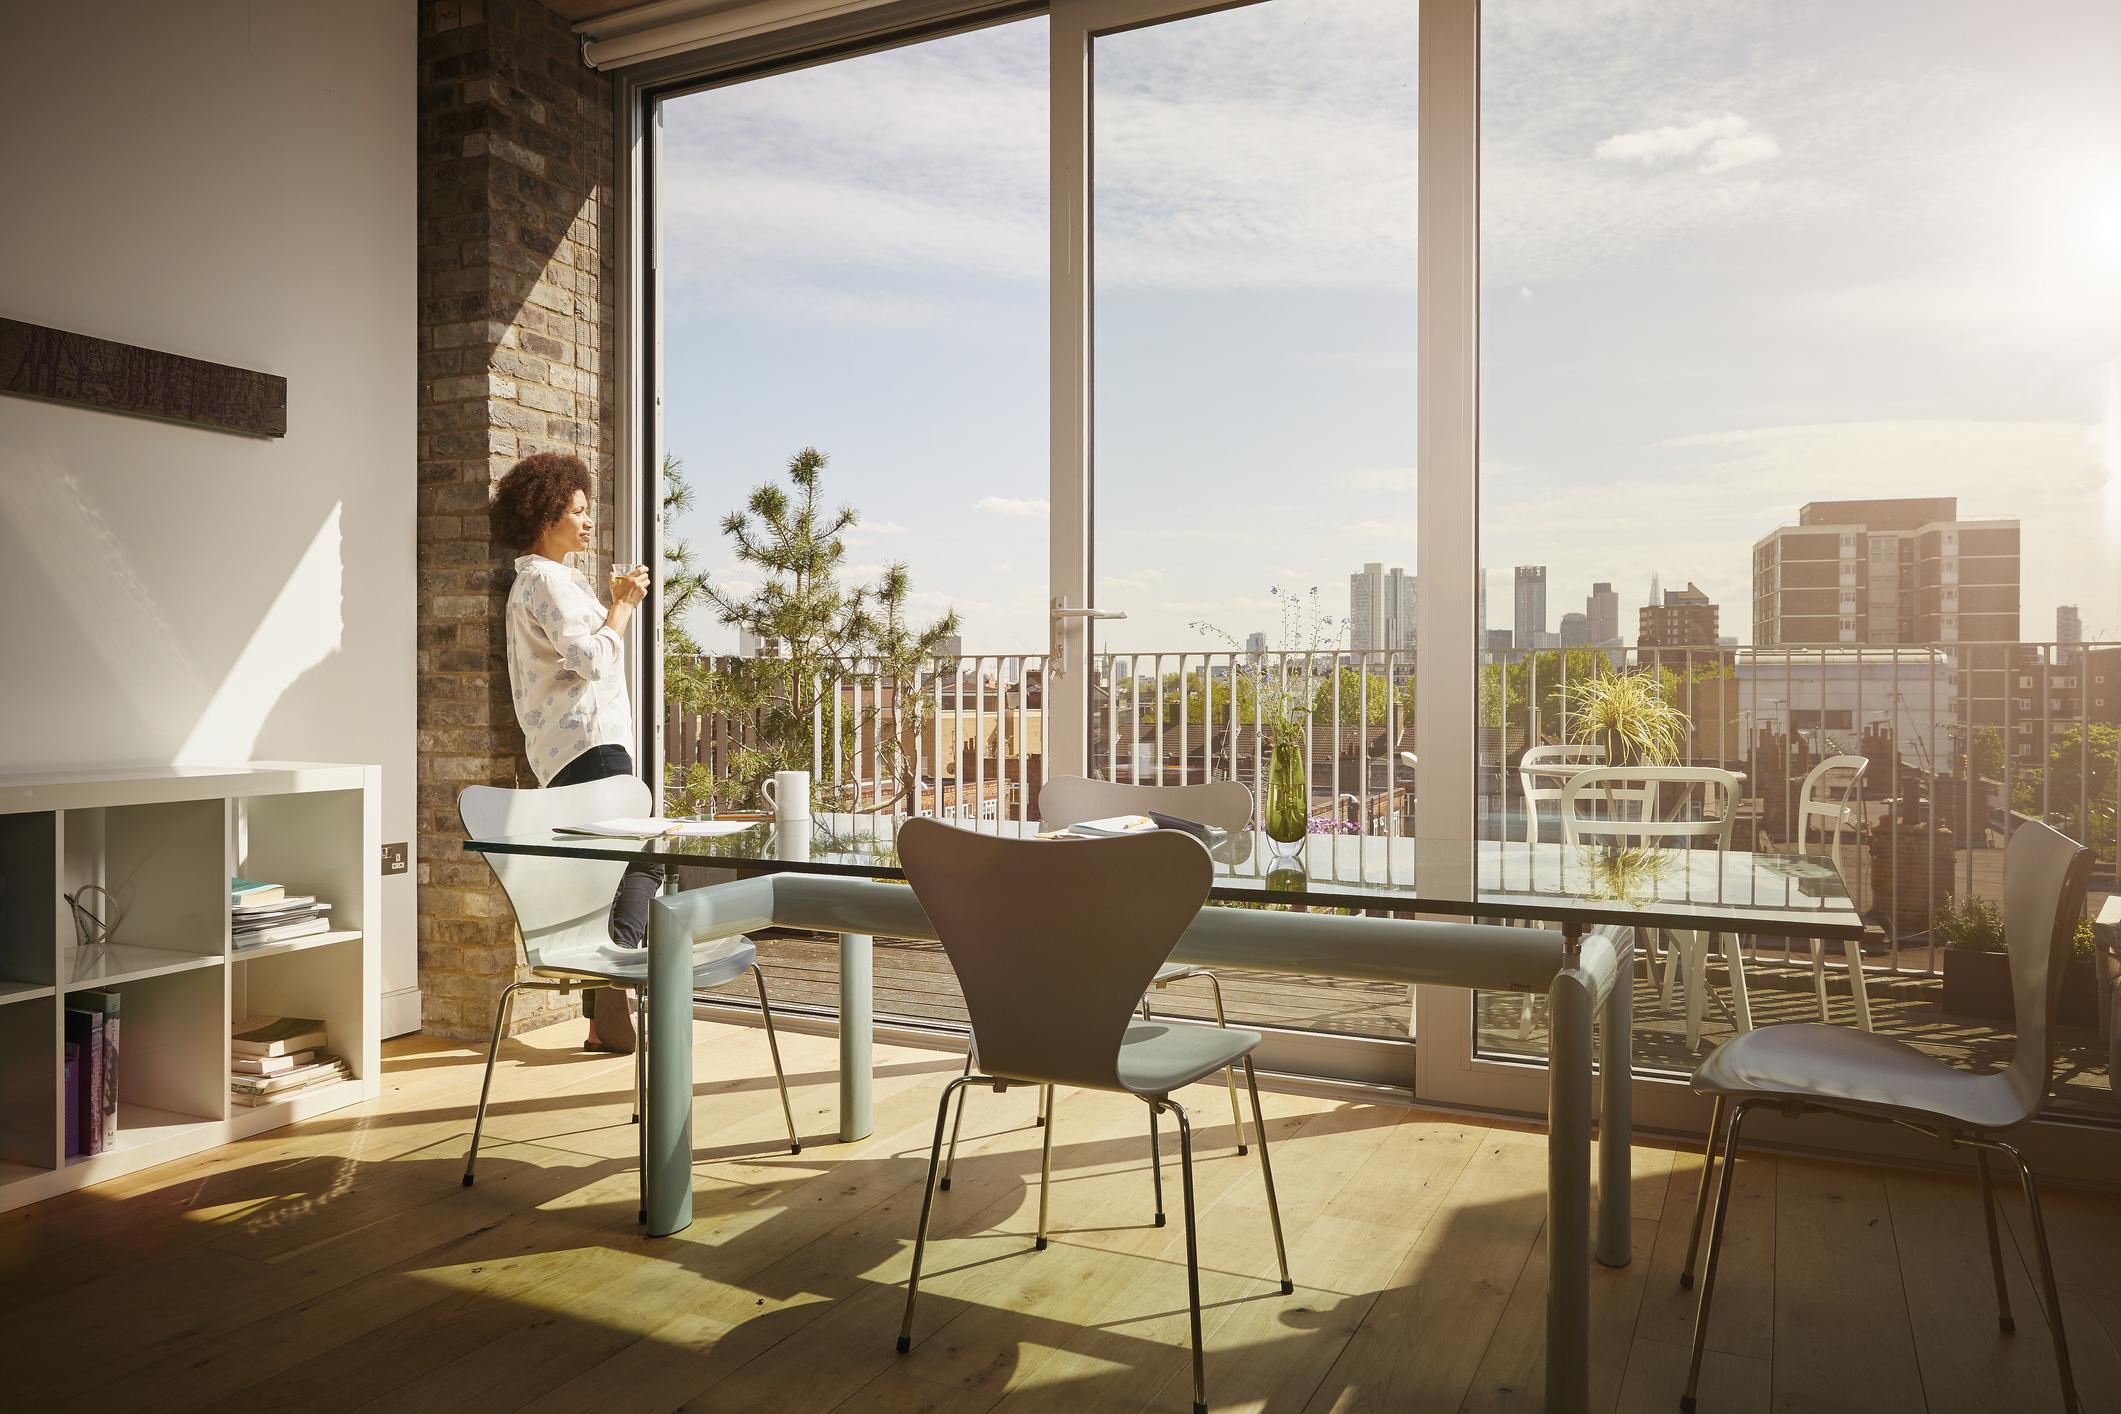 Femme regardant la vue par la fenêtre de son appartement.